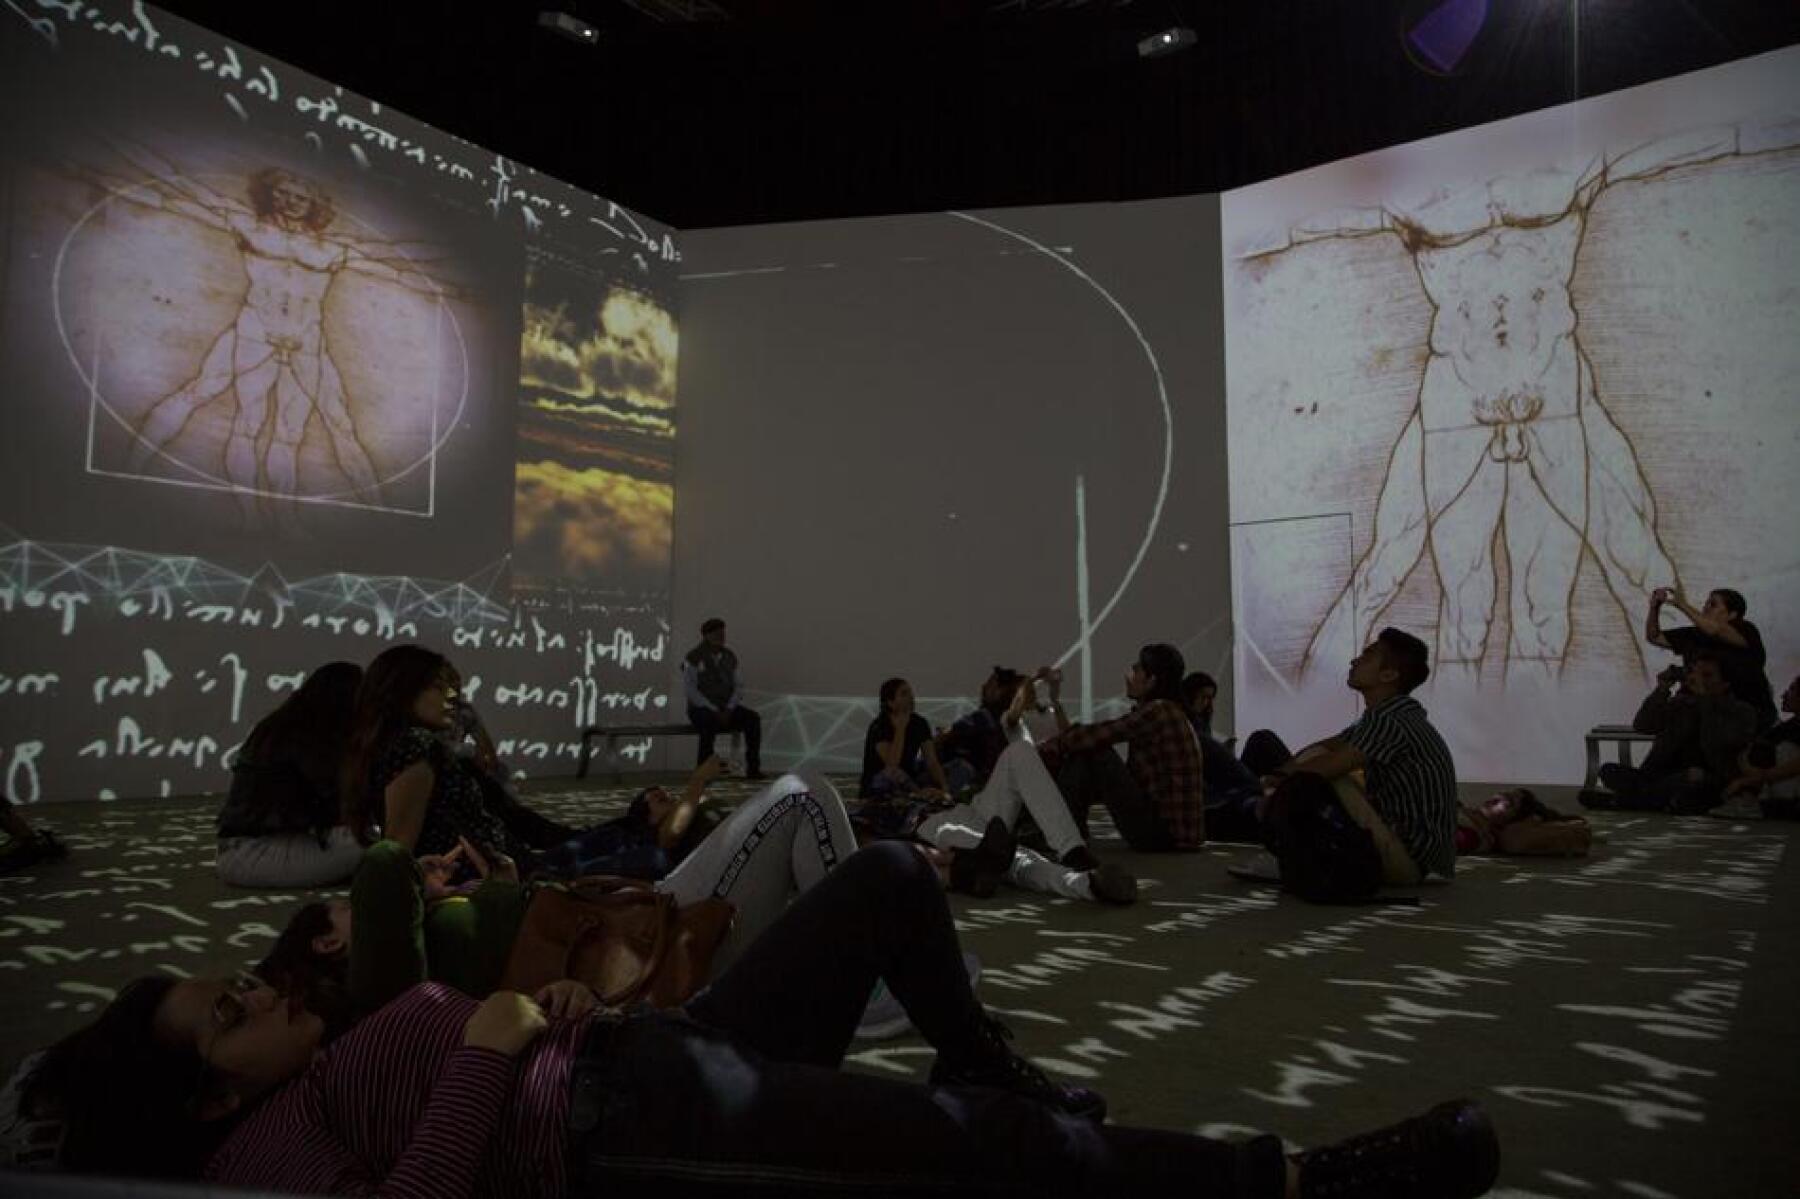 Da Vinci Experience2.jpeg